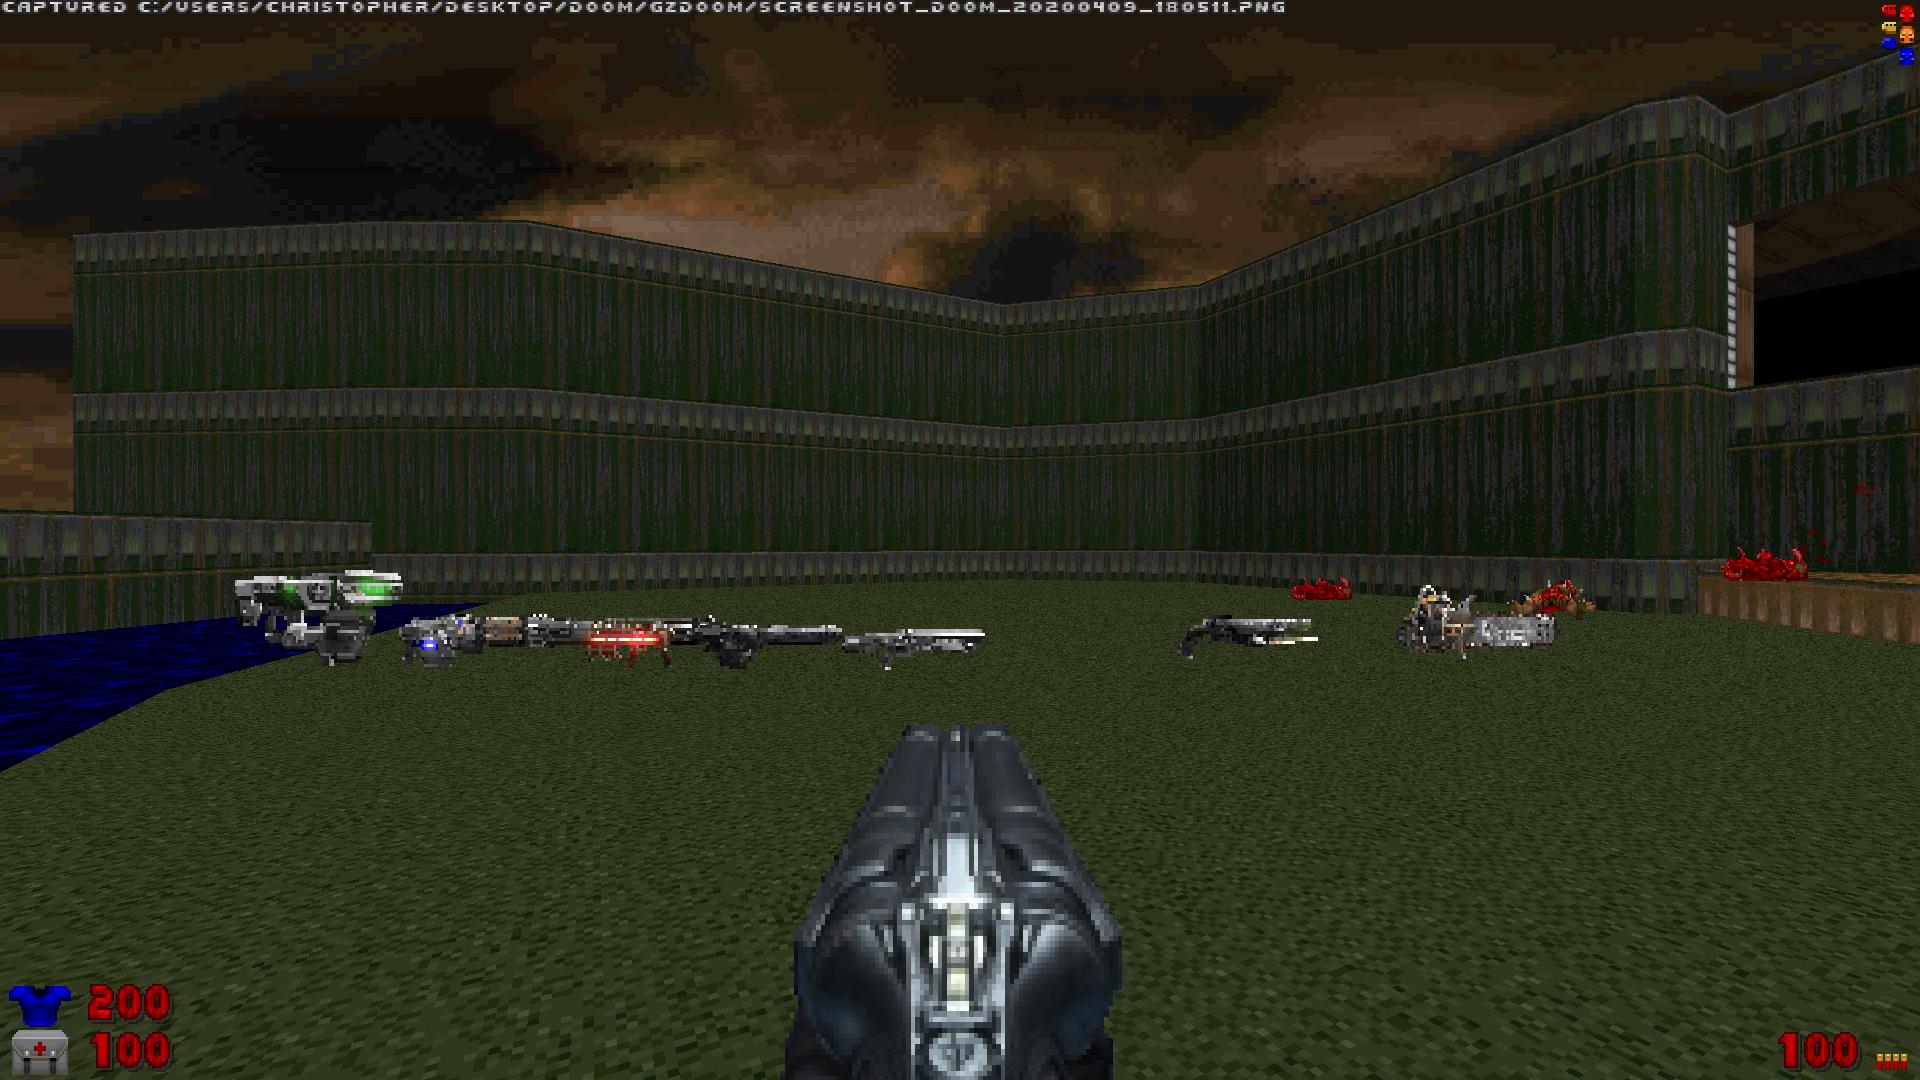 Screenshot_Doom_20200409_180513.png.12825bf1f1ad6879d430b6dedad15b42.png